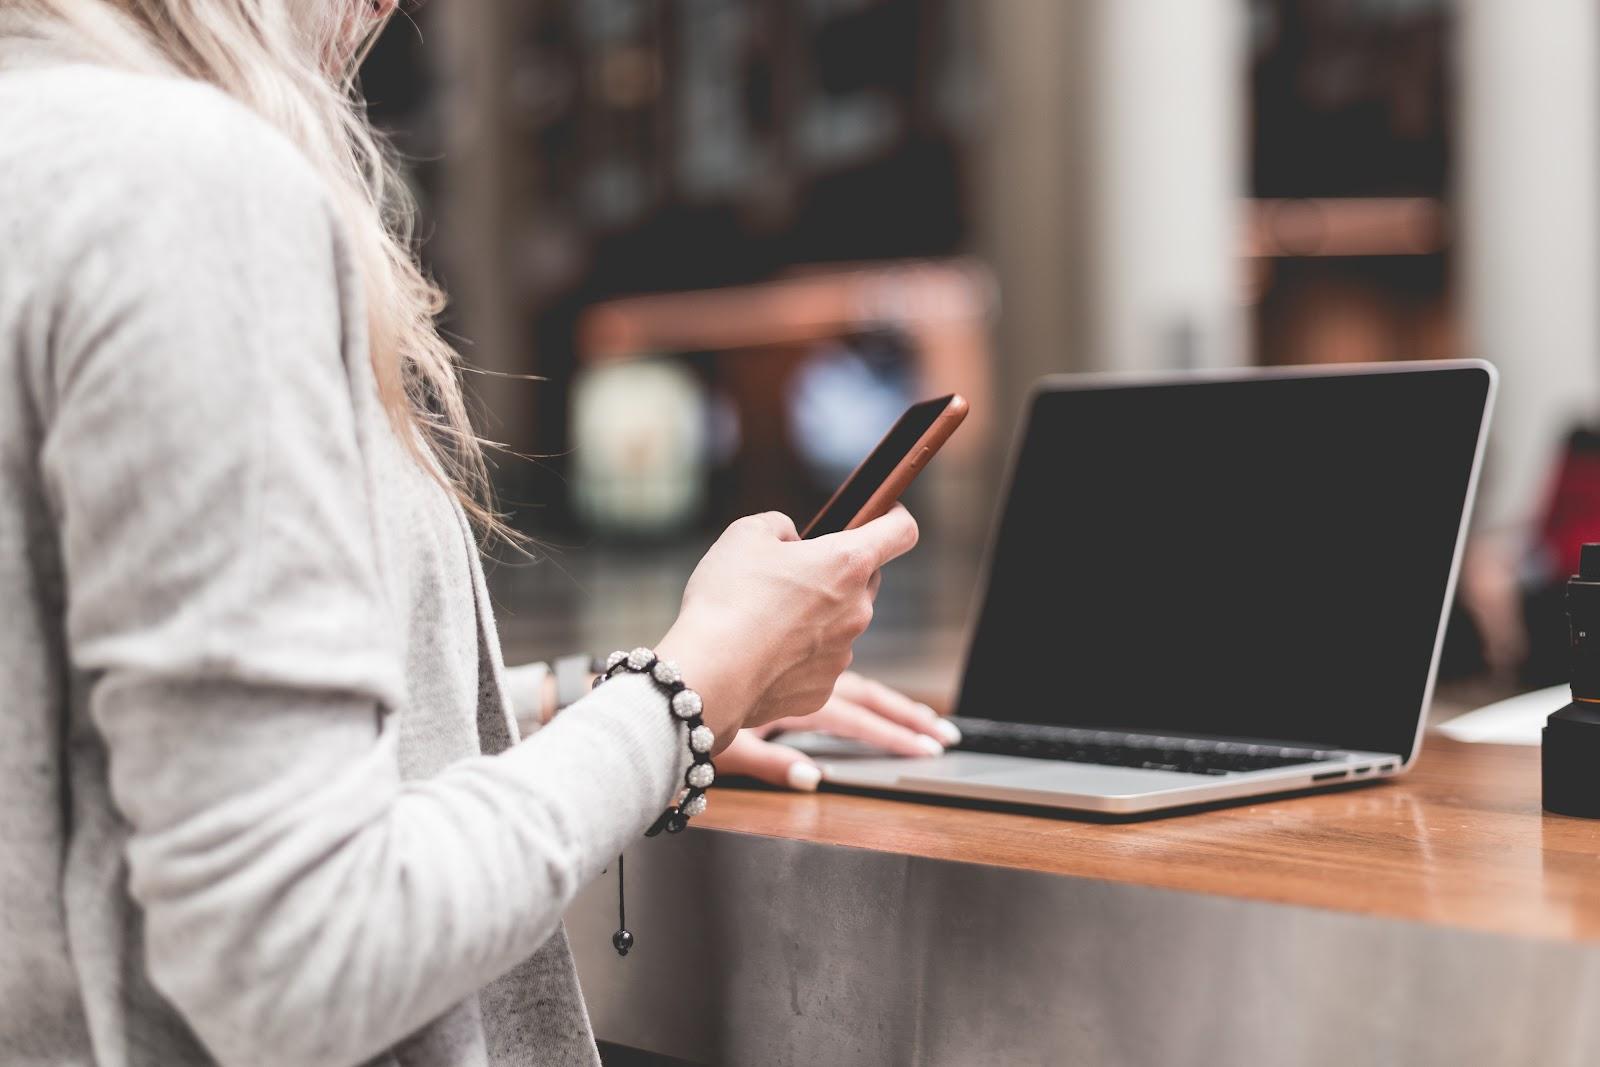 Общие рекомендации по защите данных в интернете